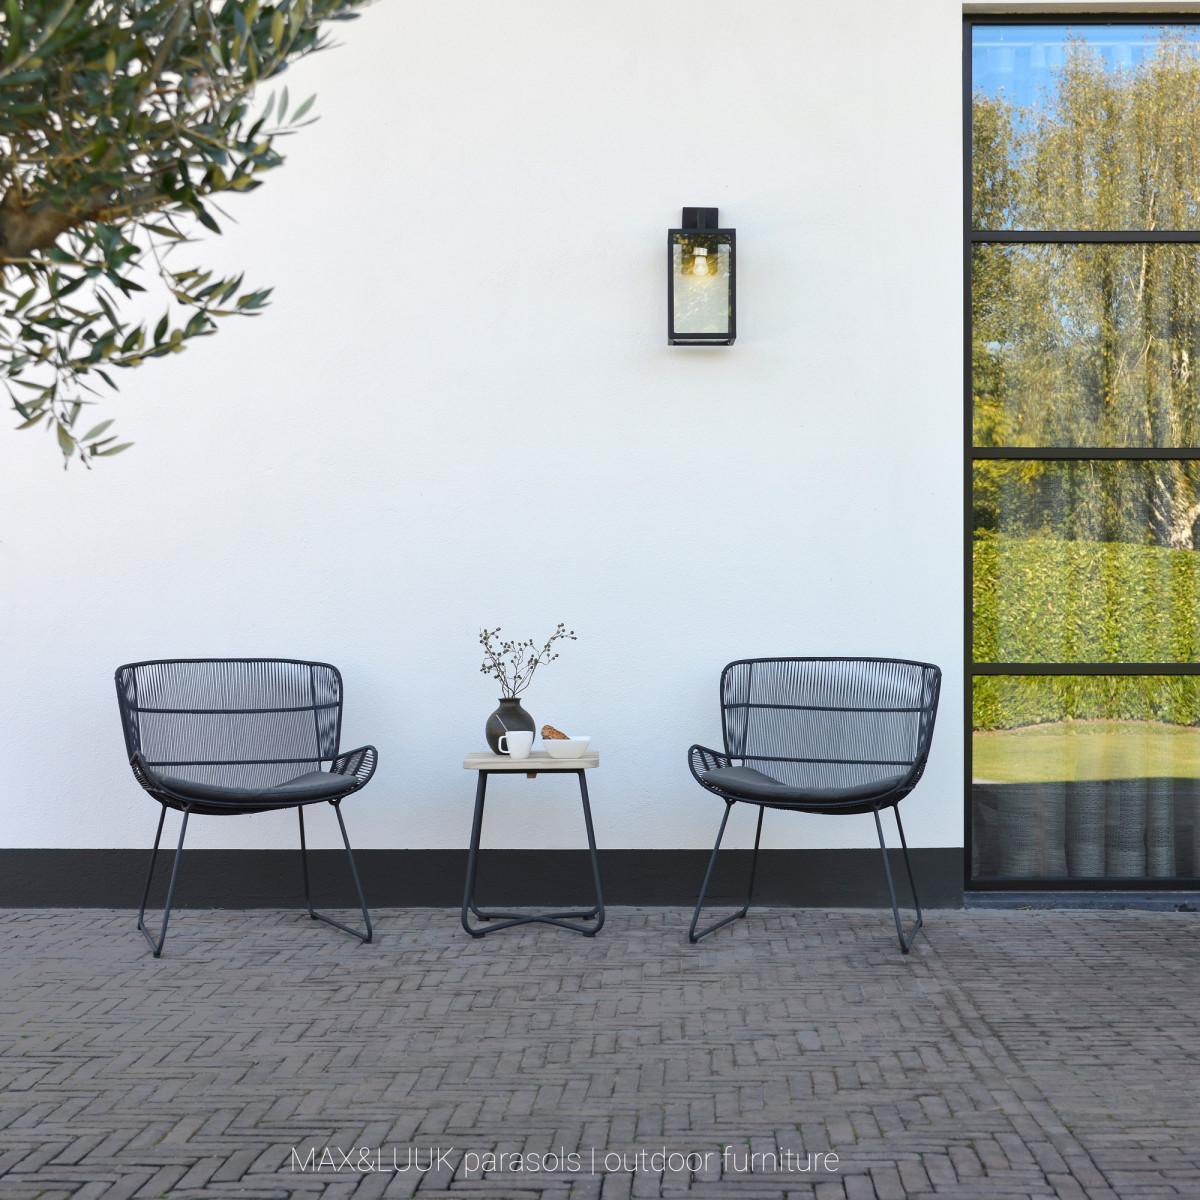 Zwarte design buitenlamp strak klassieke stijlvolle wandverlichting strak zwart frame, heldere beglazing, lichtbron zichtbaar, rechthoekige muurplaat